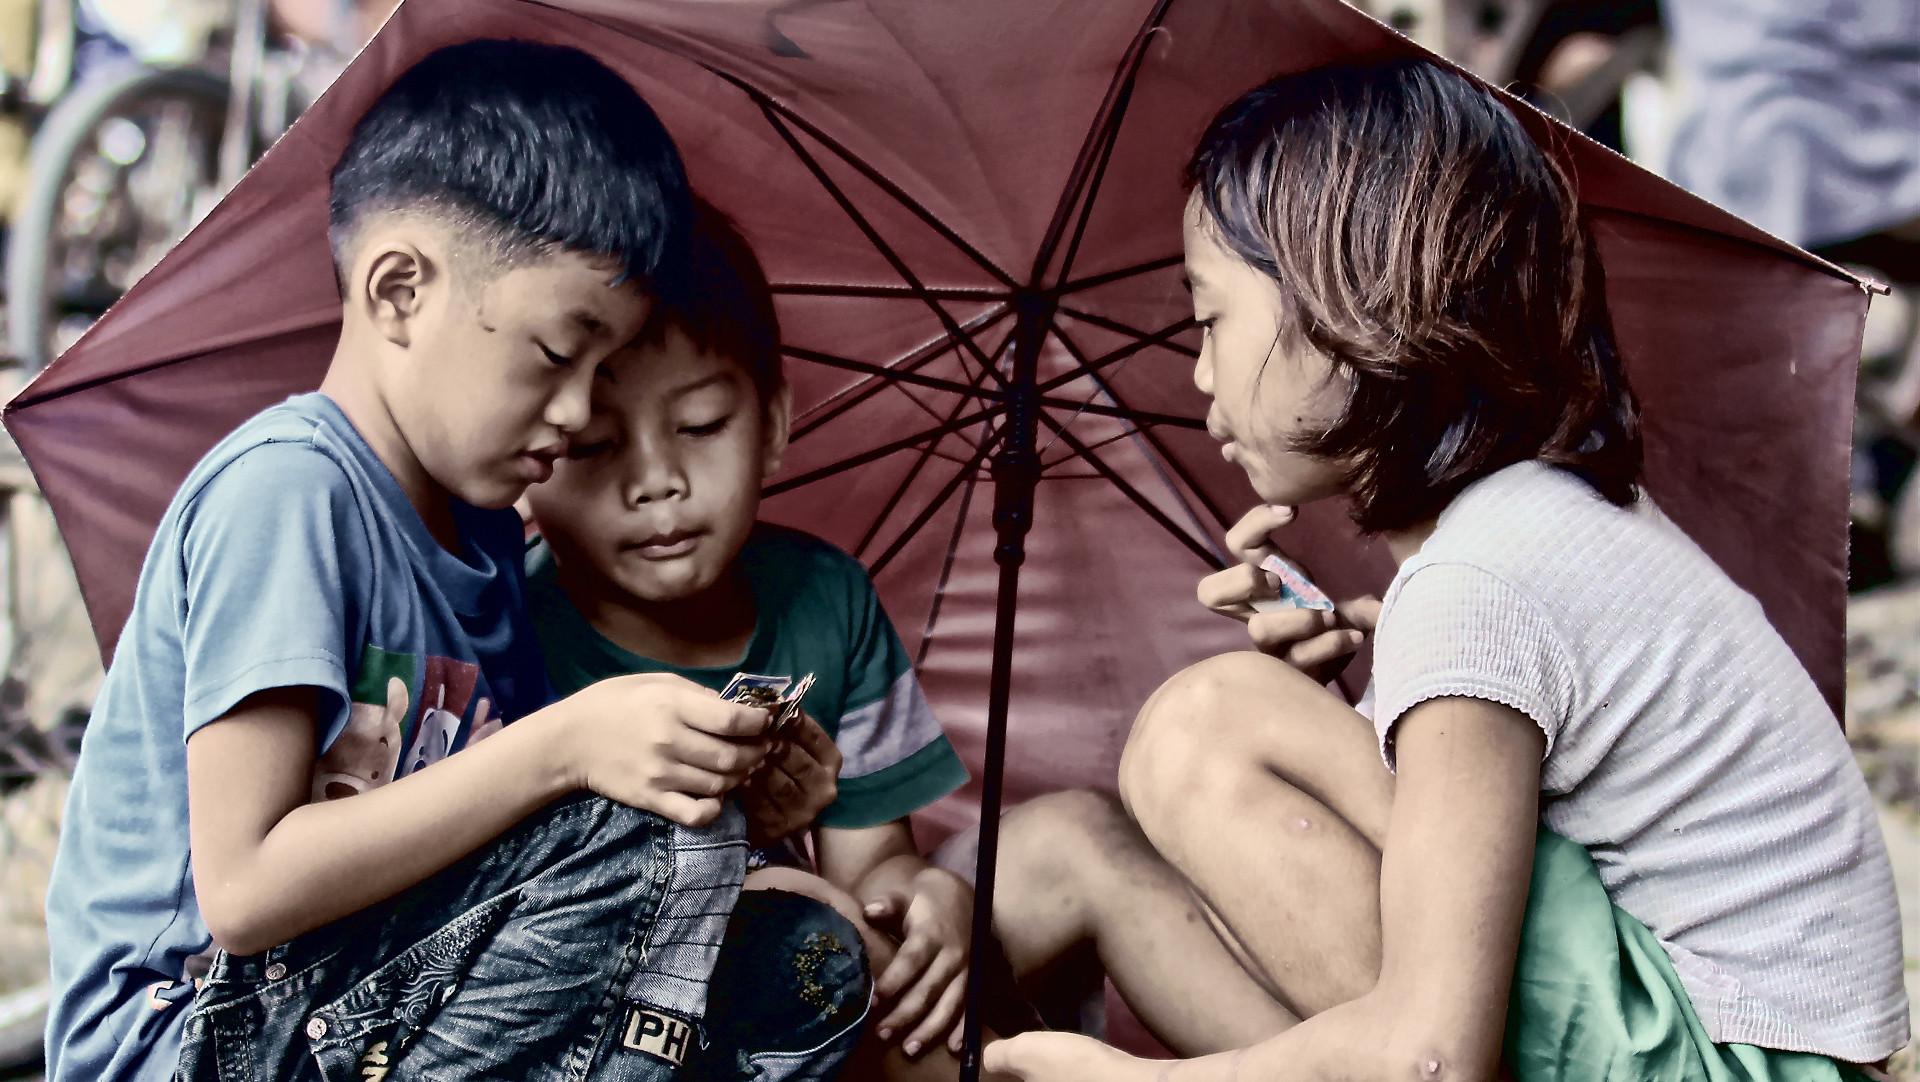 kinderpornos eltern auf den philippinen verkaufen ihre kinder katholische kirche schweiz. Black Bedroom Furniture Sets. Home Design Ideas